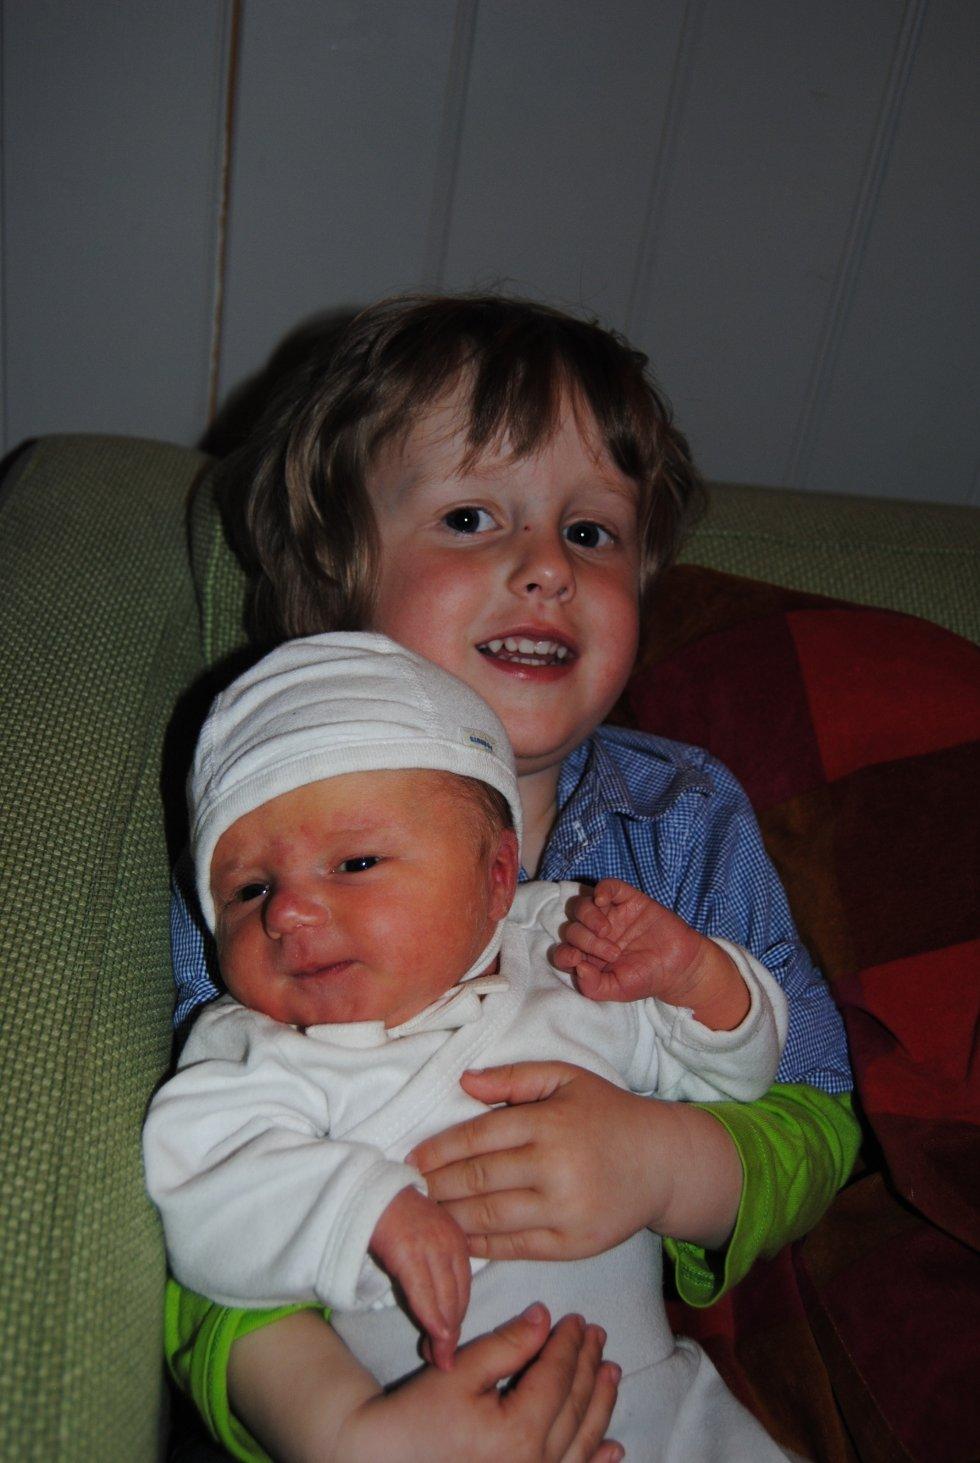 26.april kom Bettina til verden. 3250g og 49cm. Benjamin er stolt storebror! Anne Berit Langtnavn Nielsen-Grøn og Kim Magnussen, Rena.